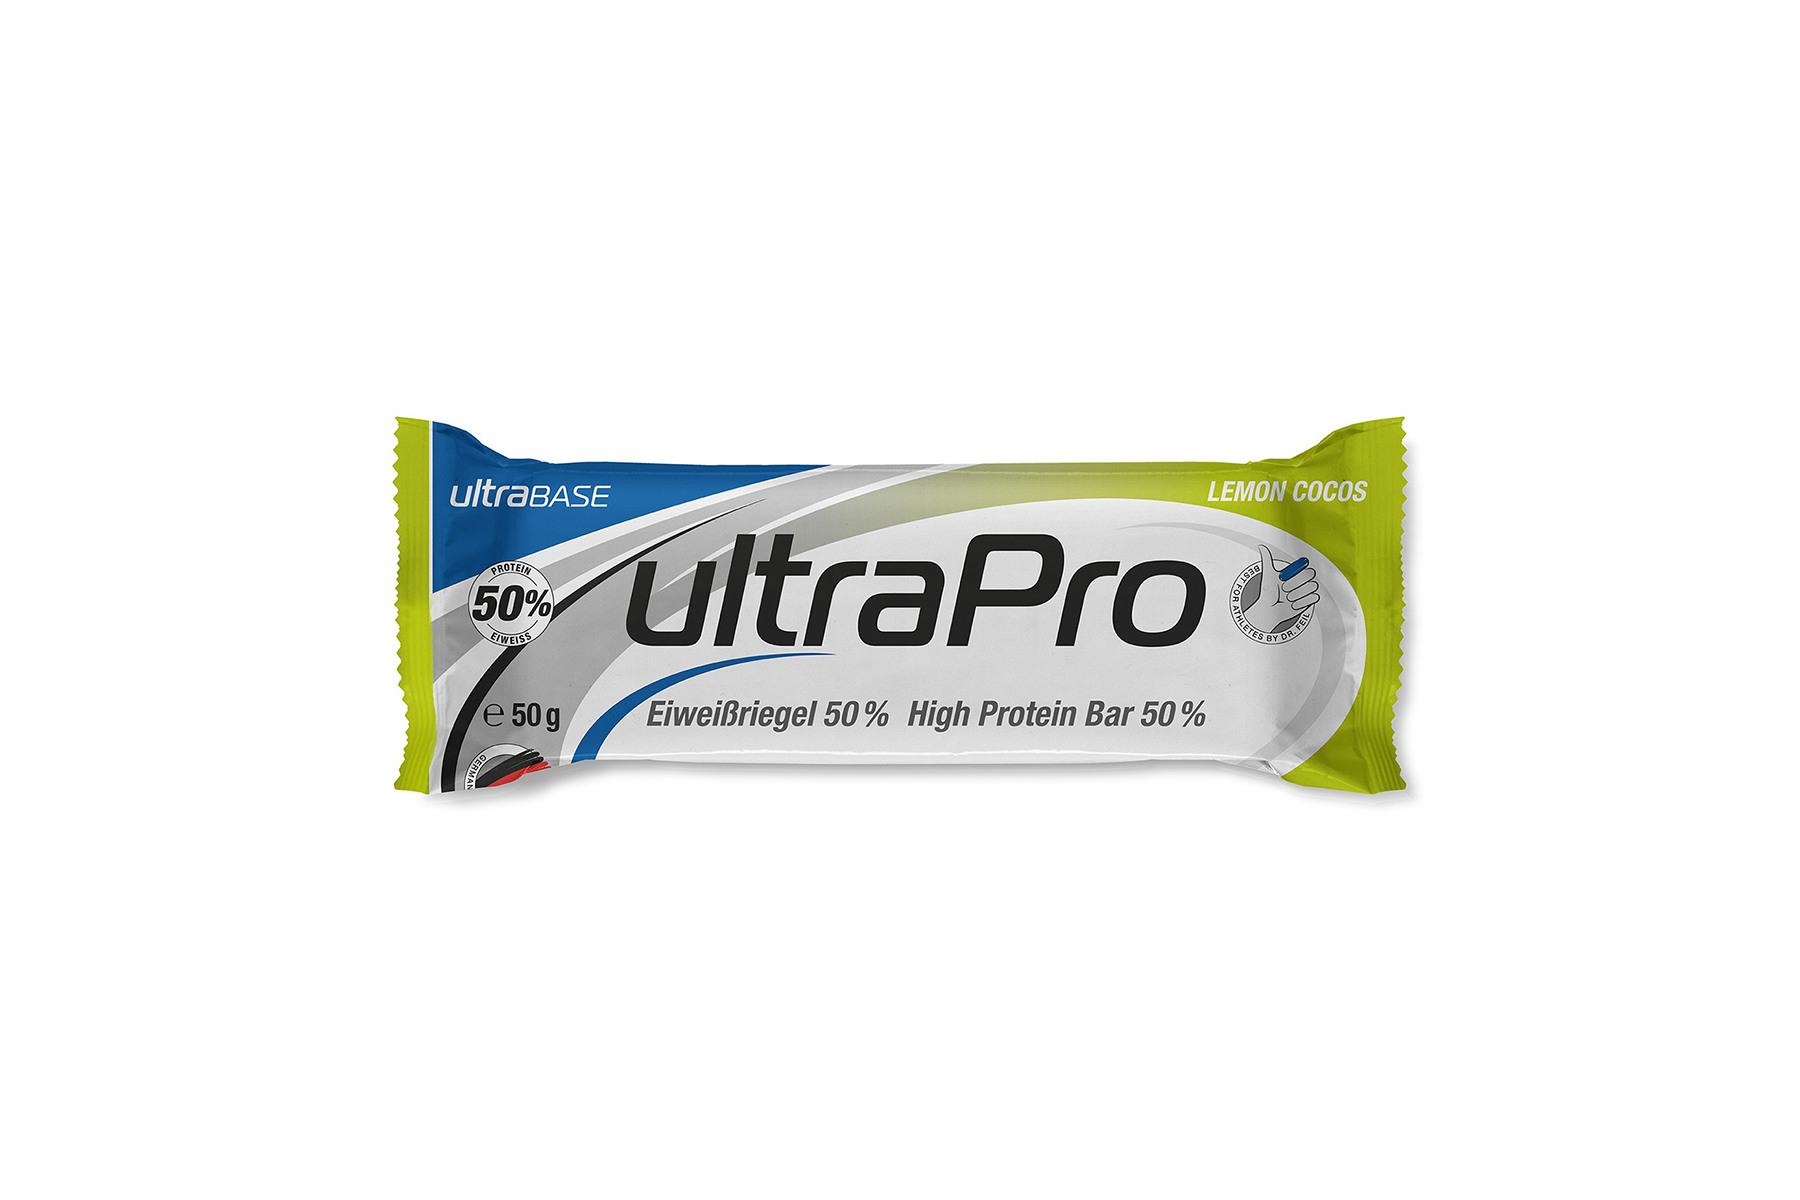 ultraSPORTS ultraPro Bar 50 % Eiweißriegel, lemon-cocos